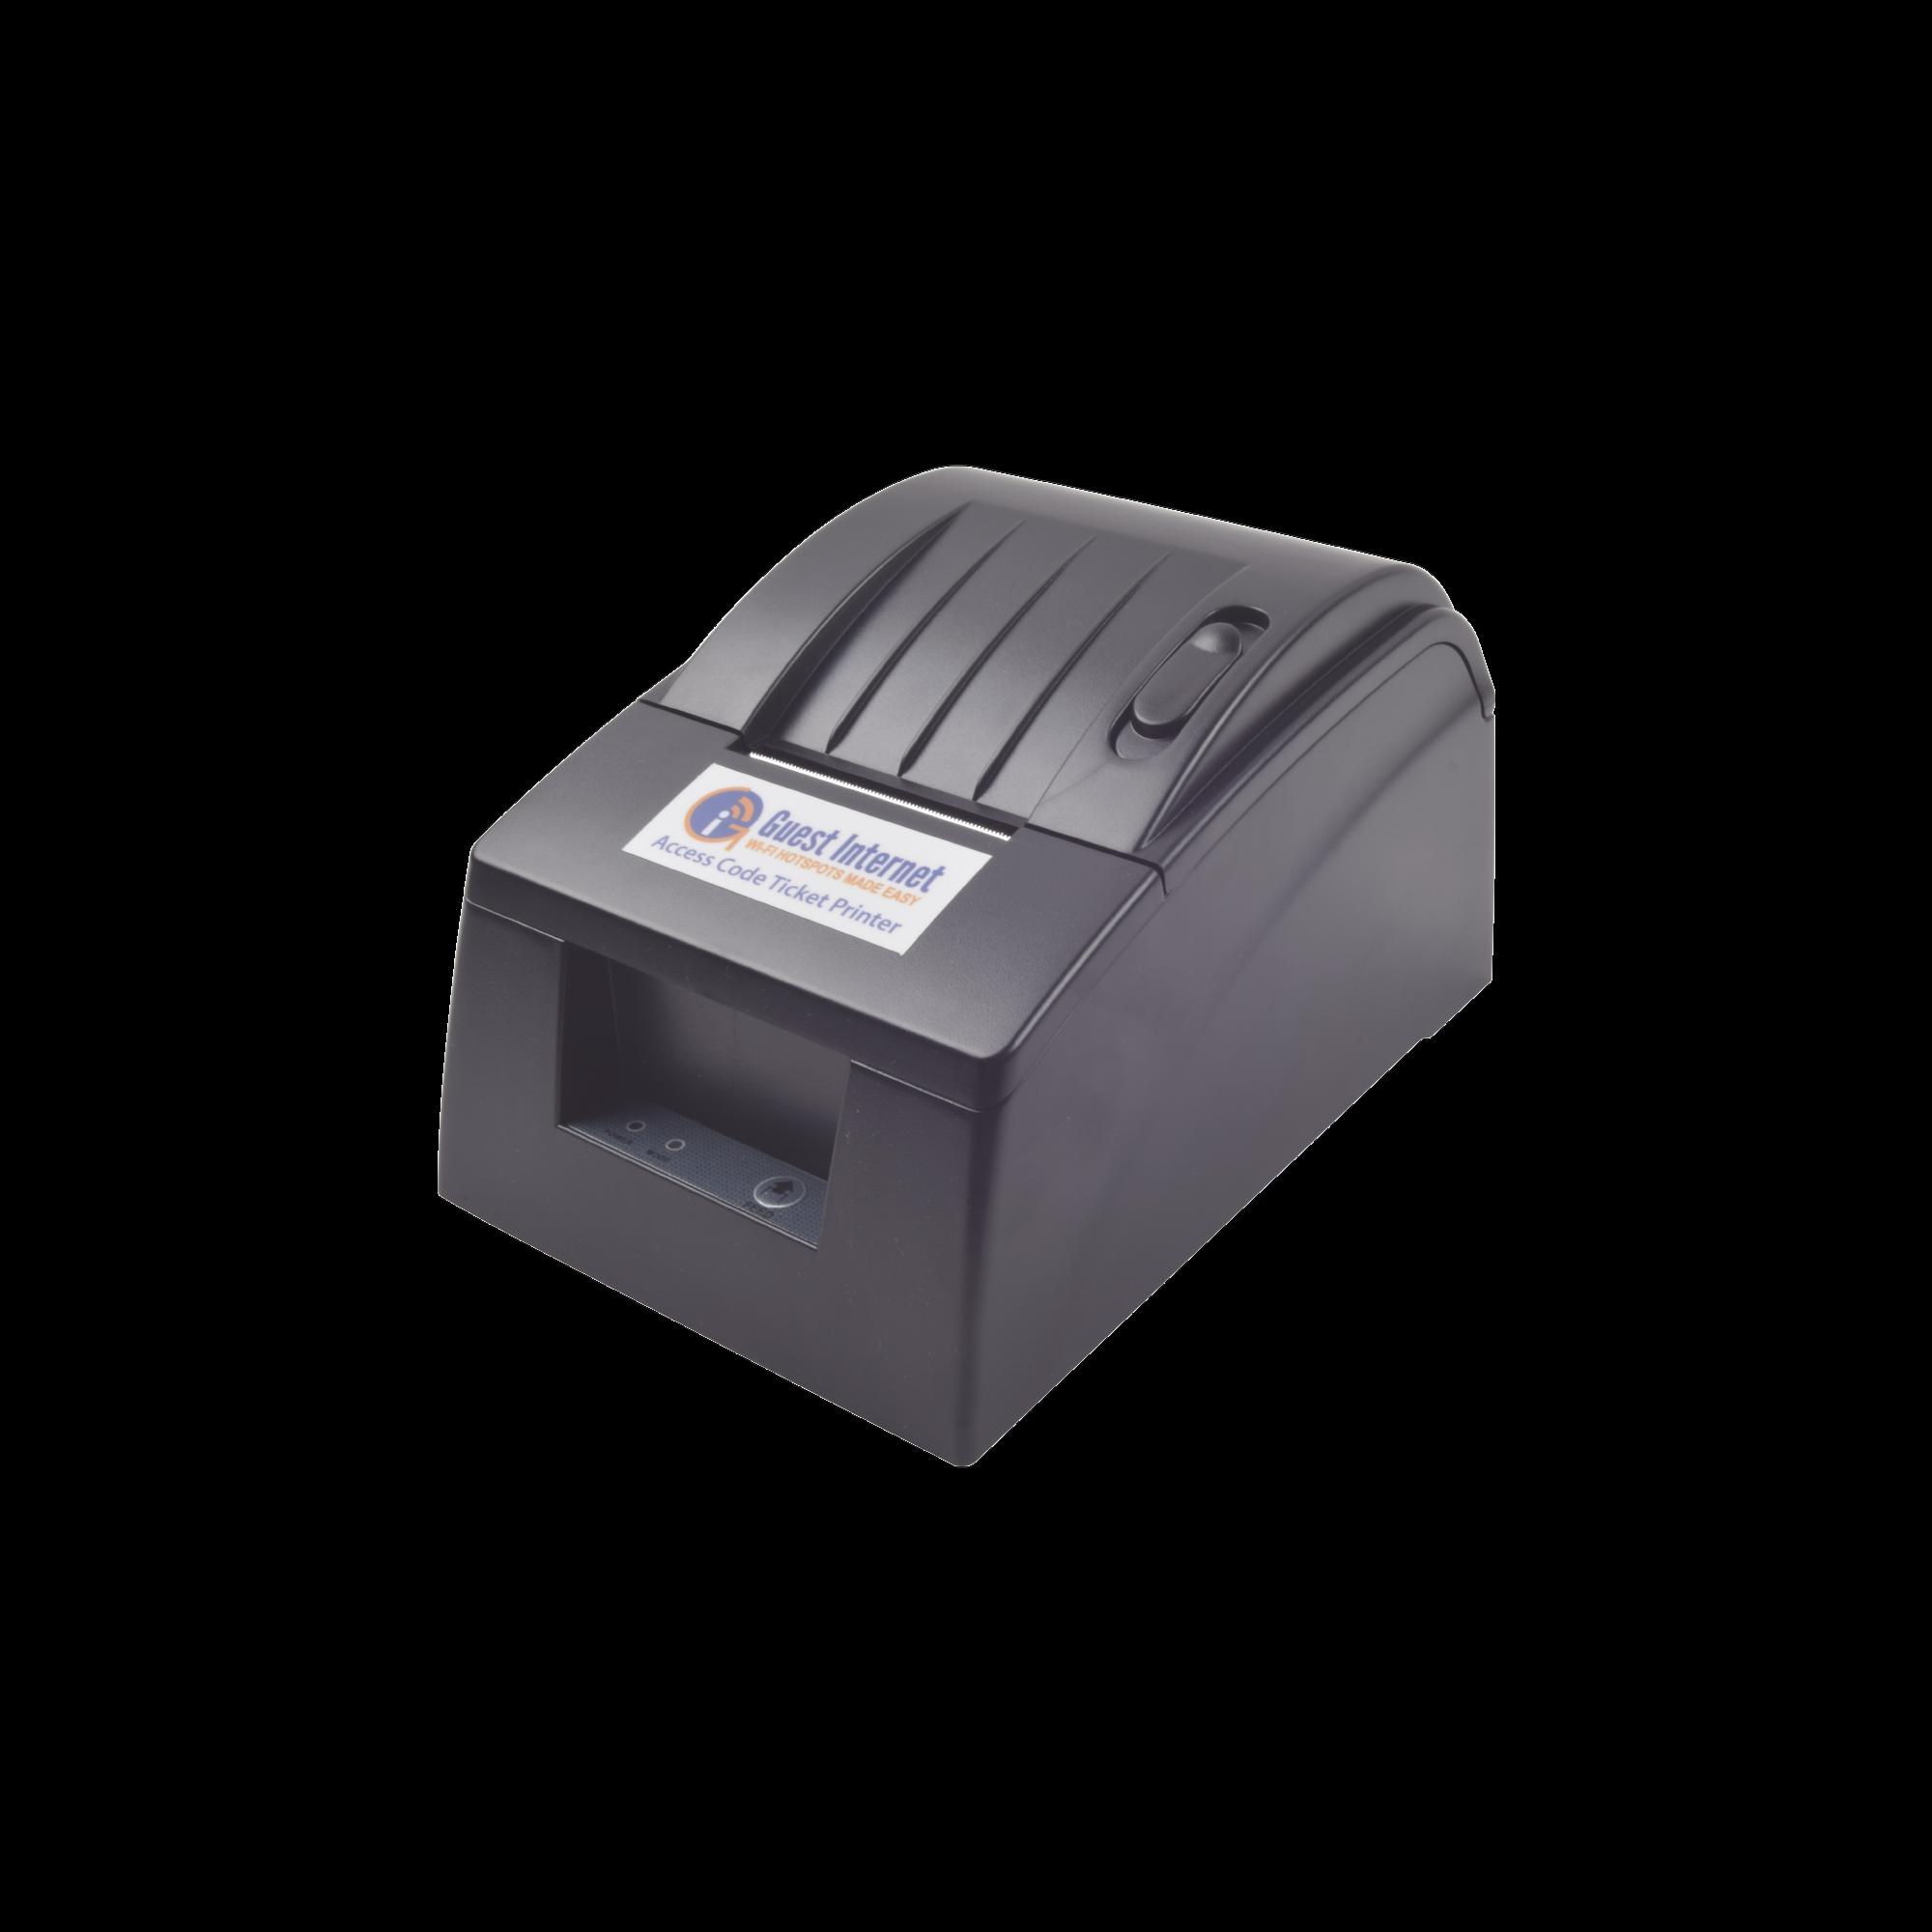 Impresora Térmica de Tickets para Códigos de Acceso a Internet (Hotspot), diseñado para dispositivos Guest Internet.